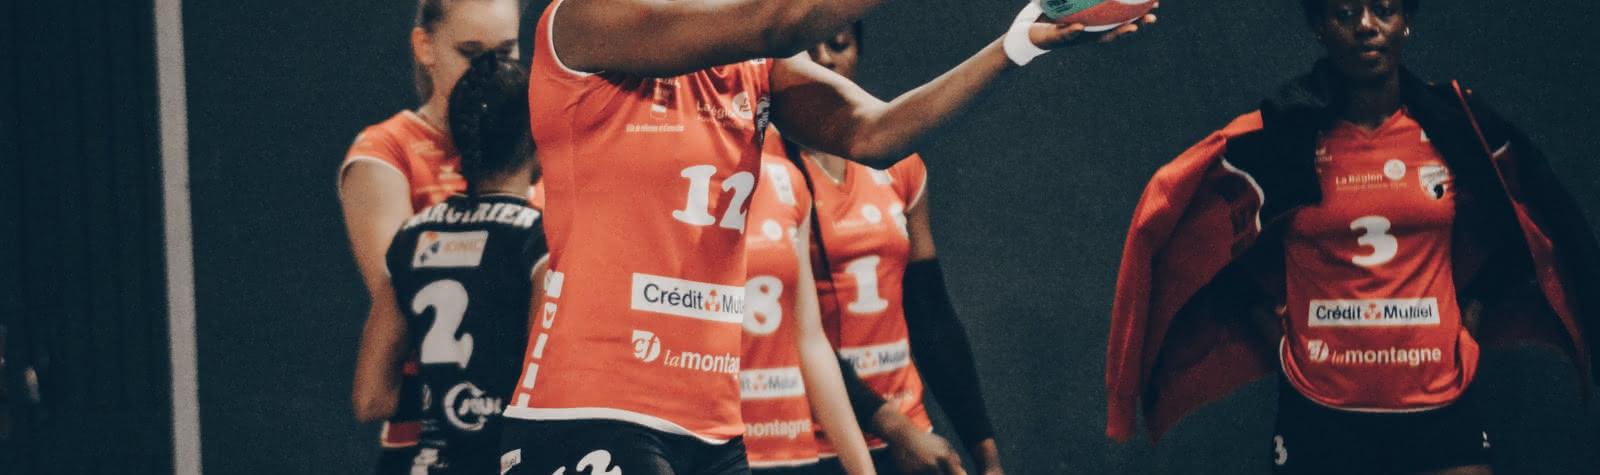 Volley-ball : Les Panthères de Chamalières VS France avenir 2024